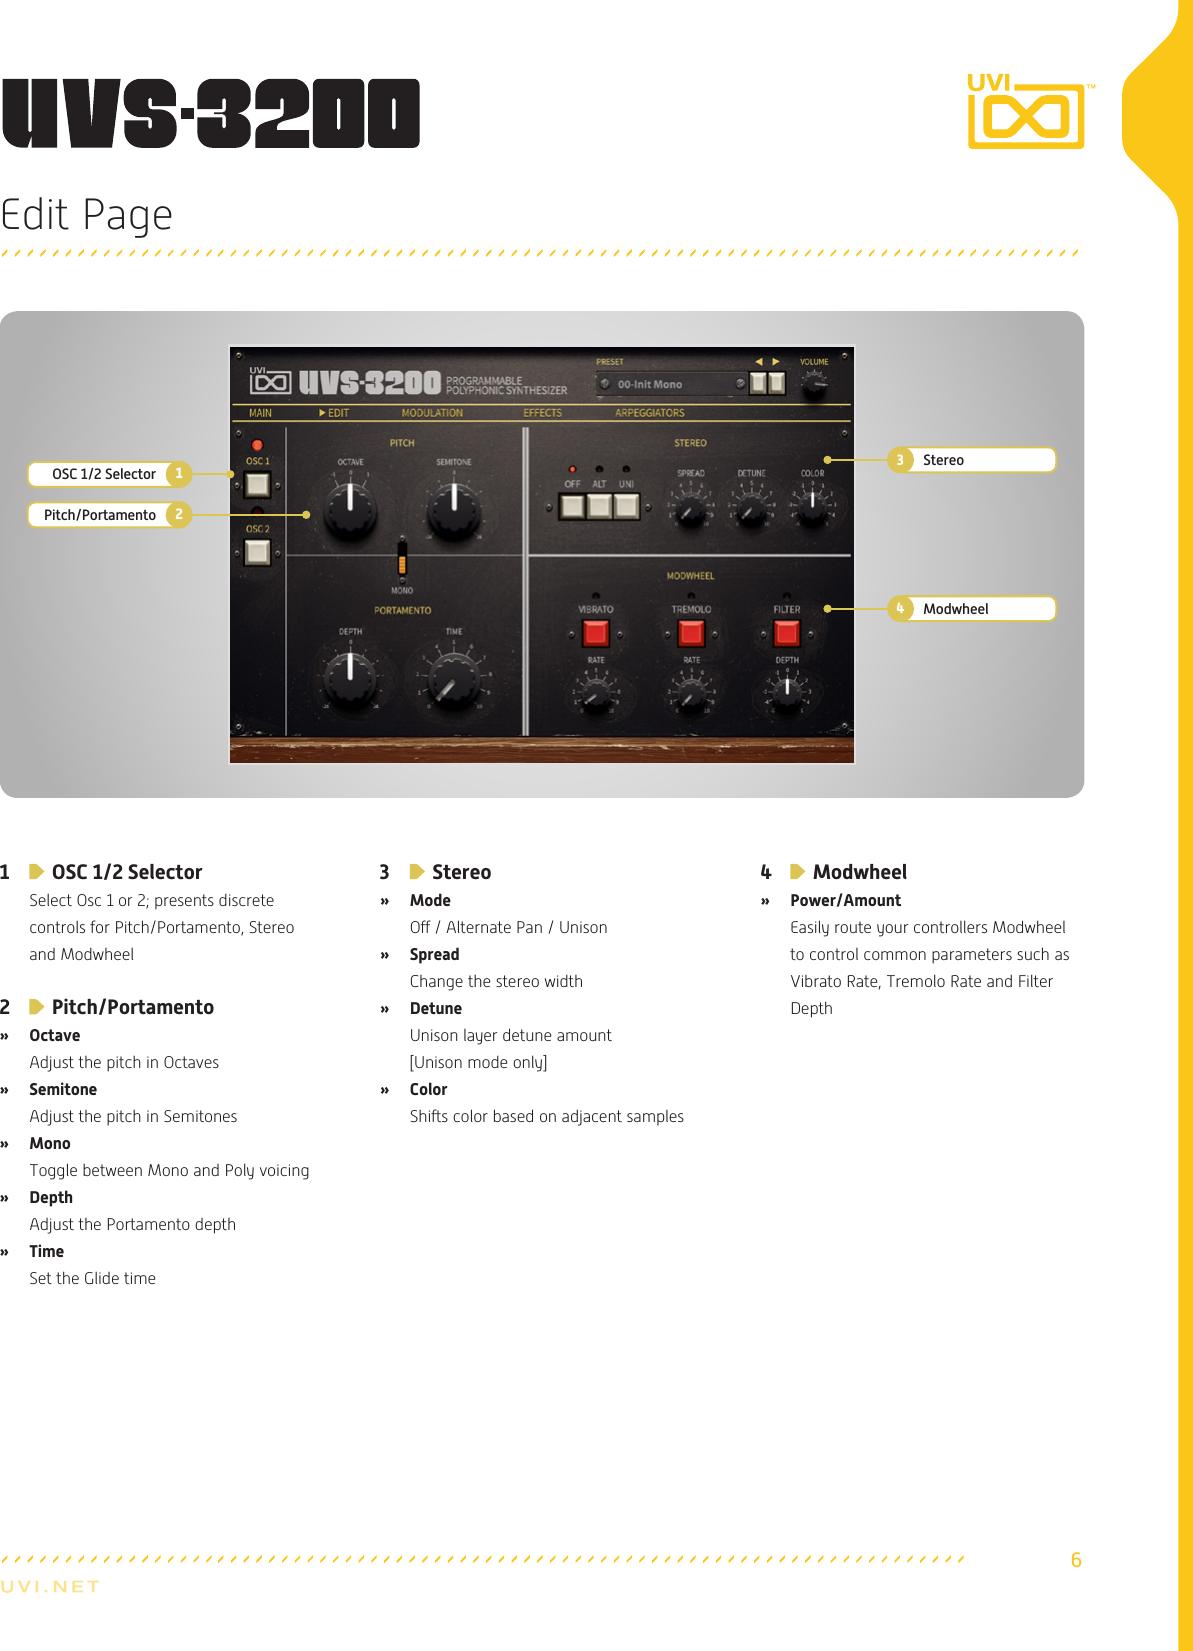 Uvi Uvs 3200 Manual | Soundbank User